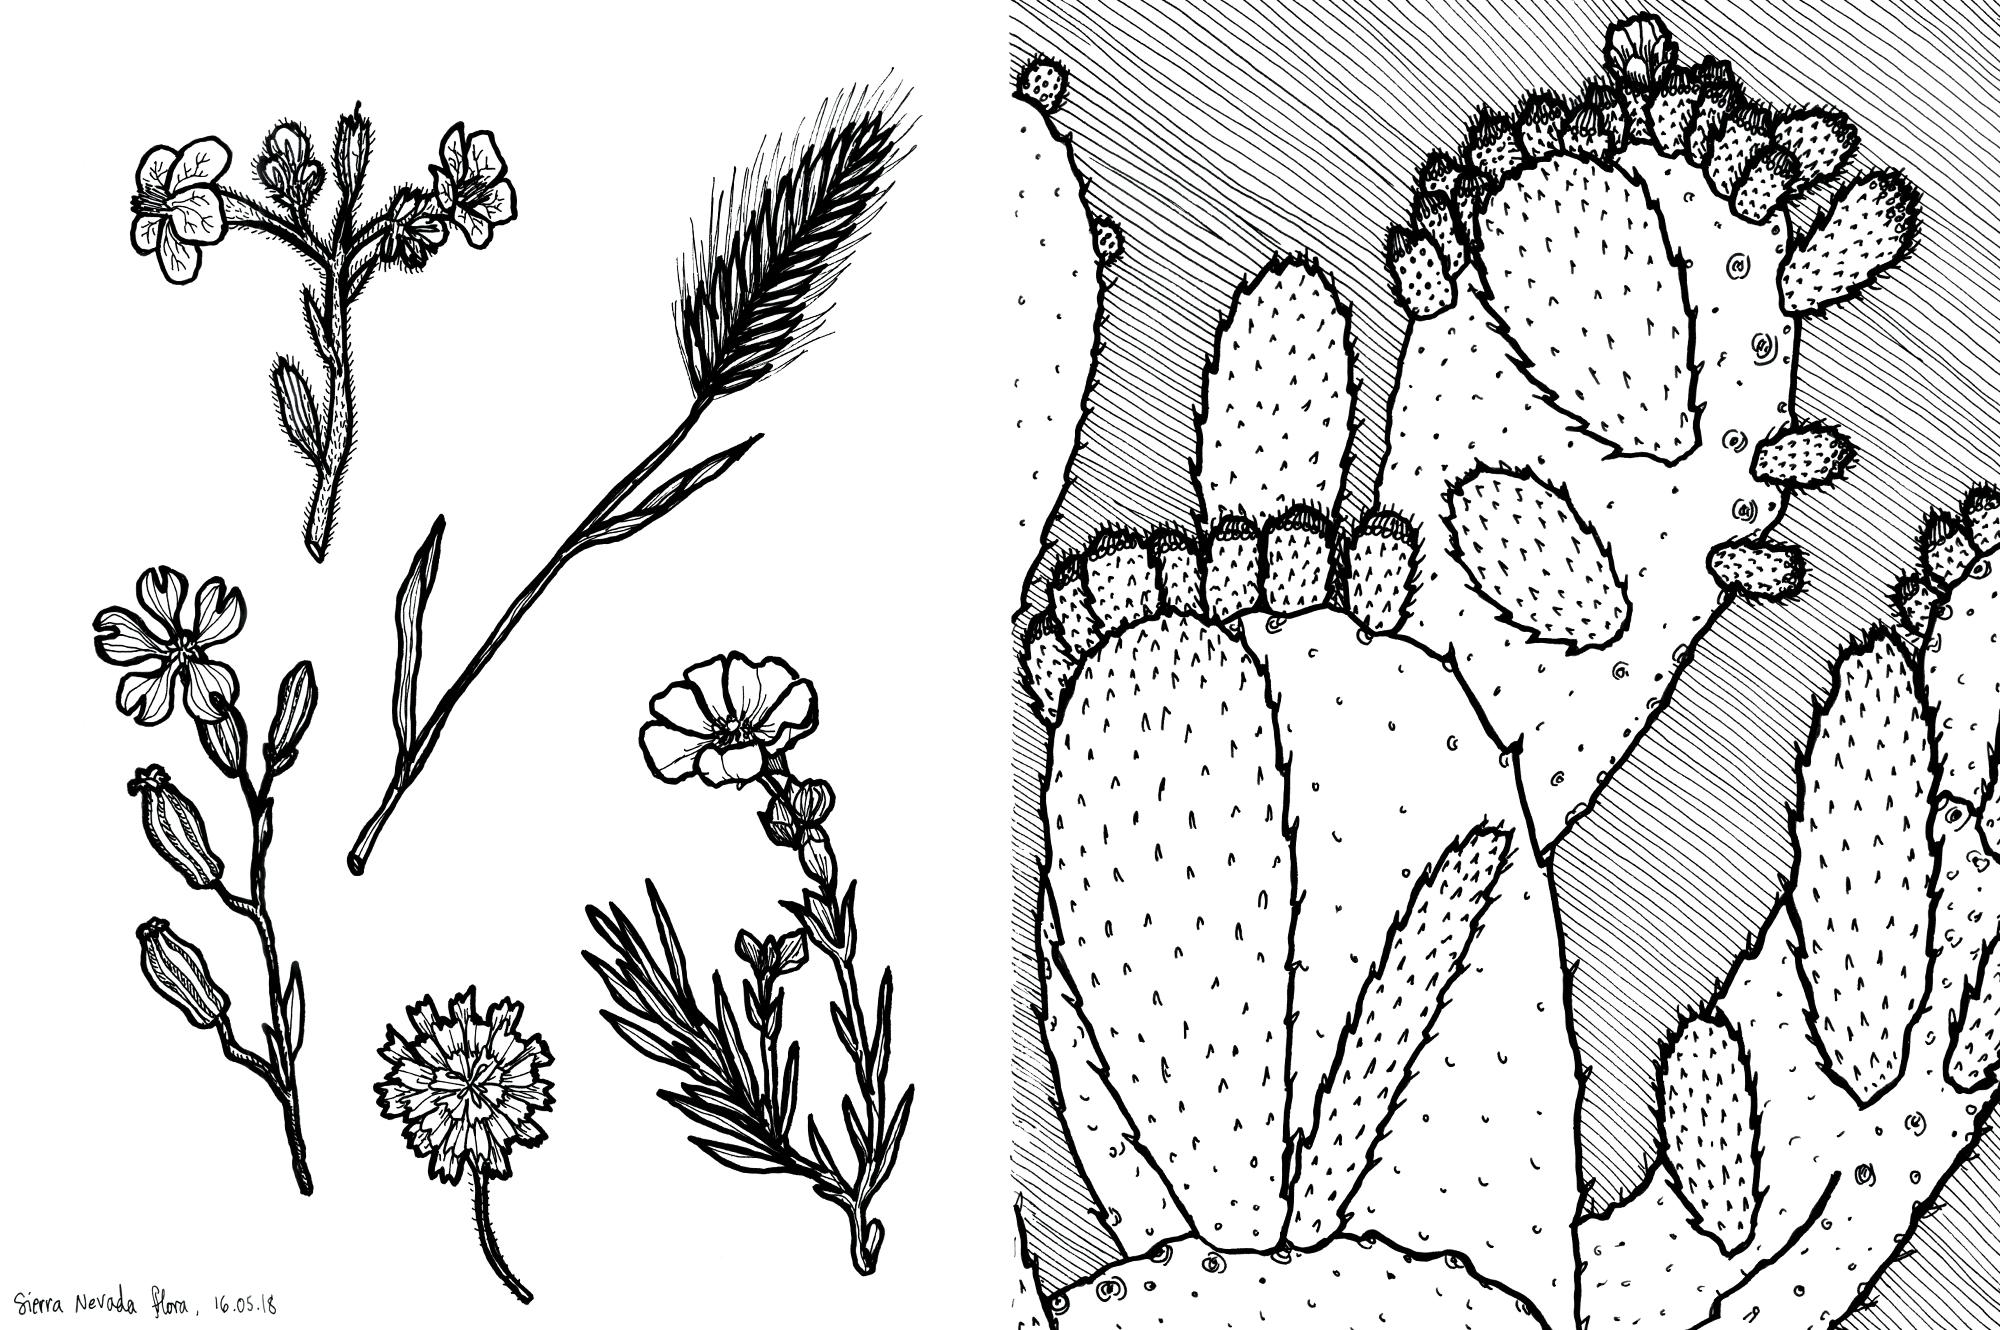 24_granada_flora_cactus_web.jpg